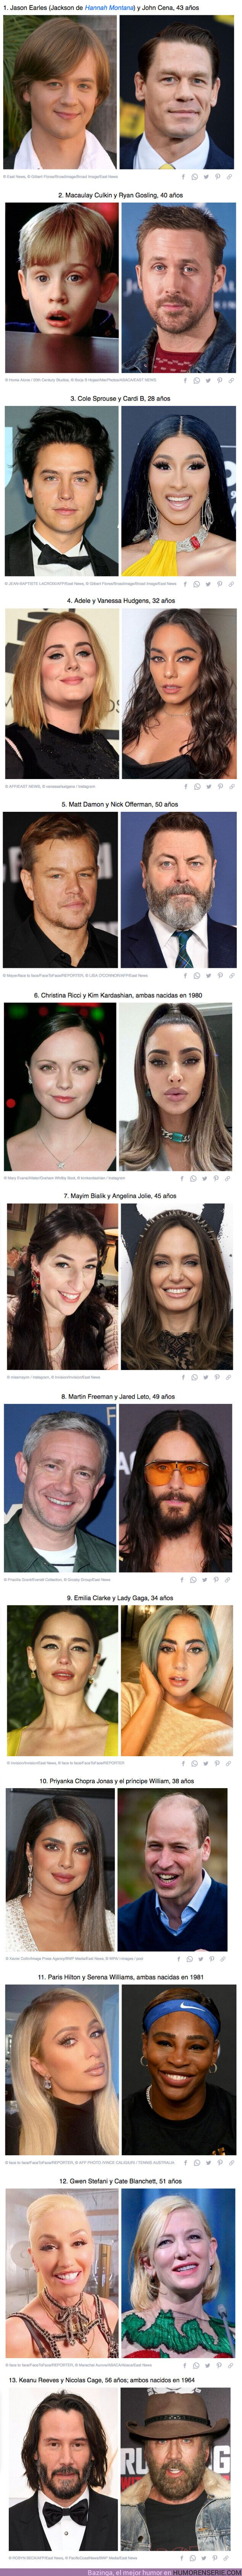 69871 - GALERÍA: 12+ Parejas de famosos que son sorprendentemente de la misma edad